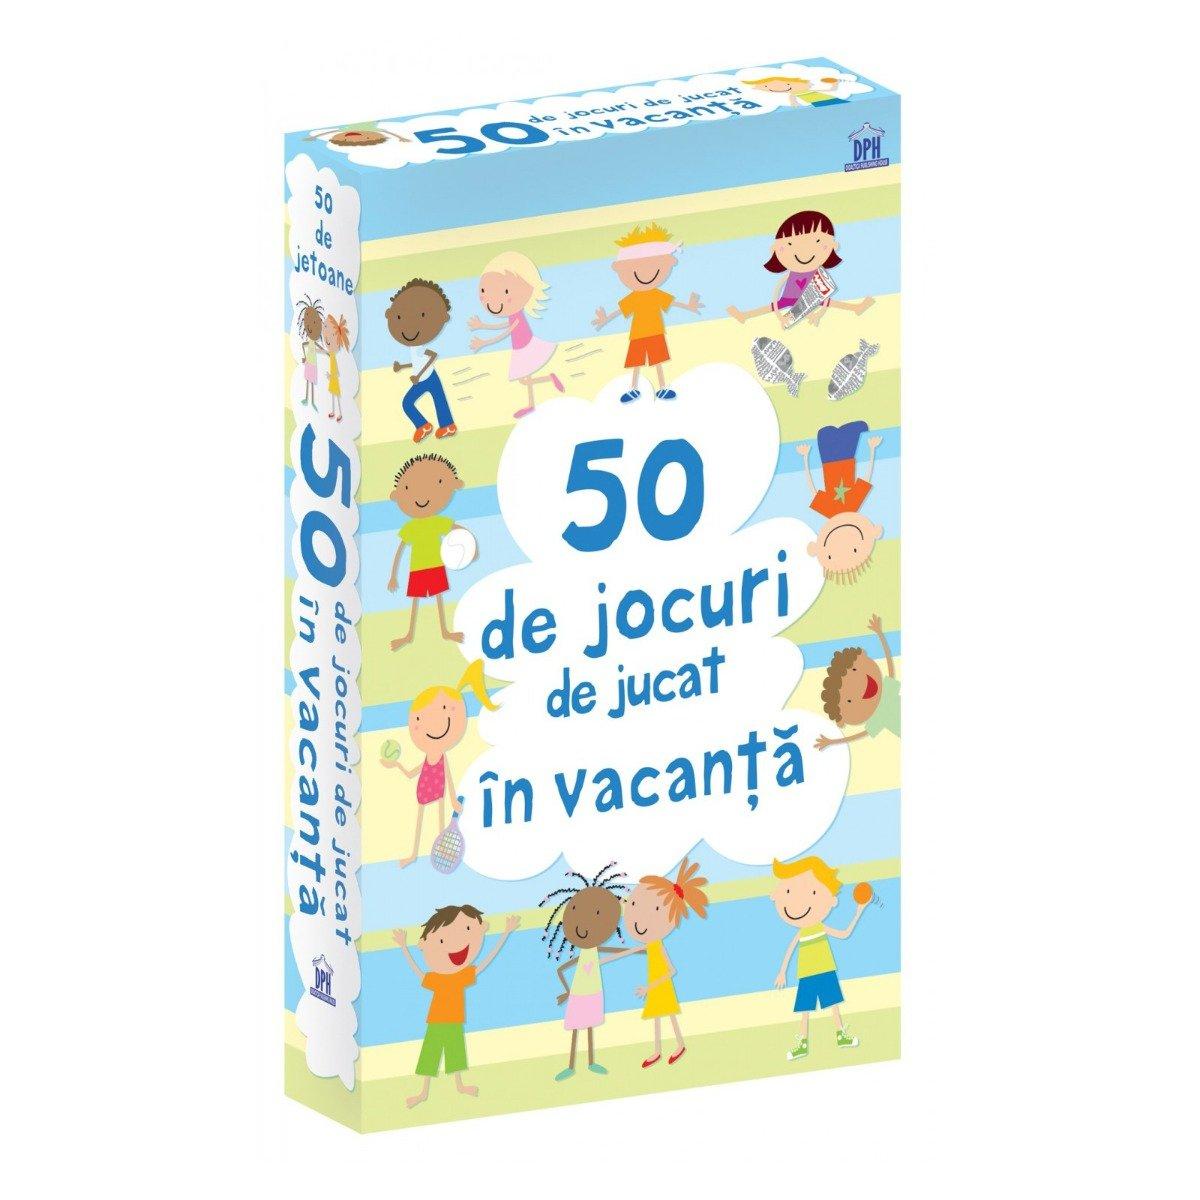 50 de jocuri de jucat in vacanta, Editura DPH